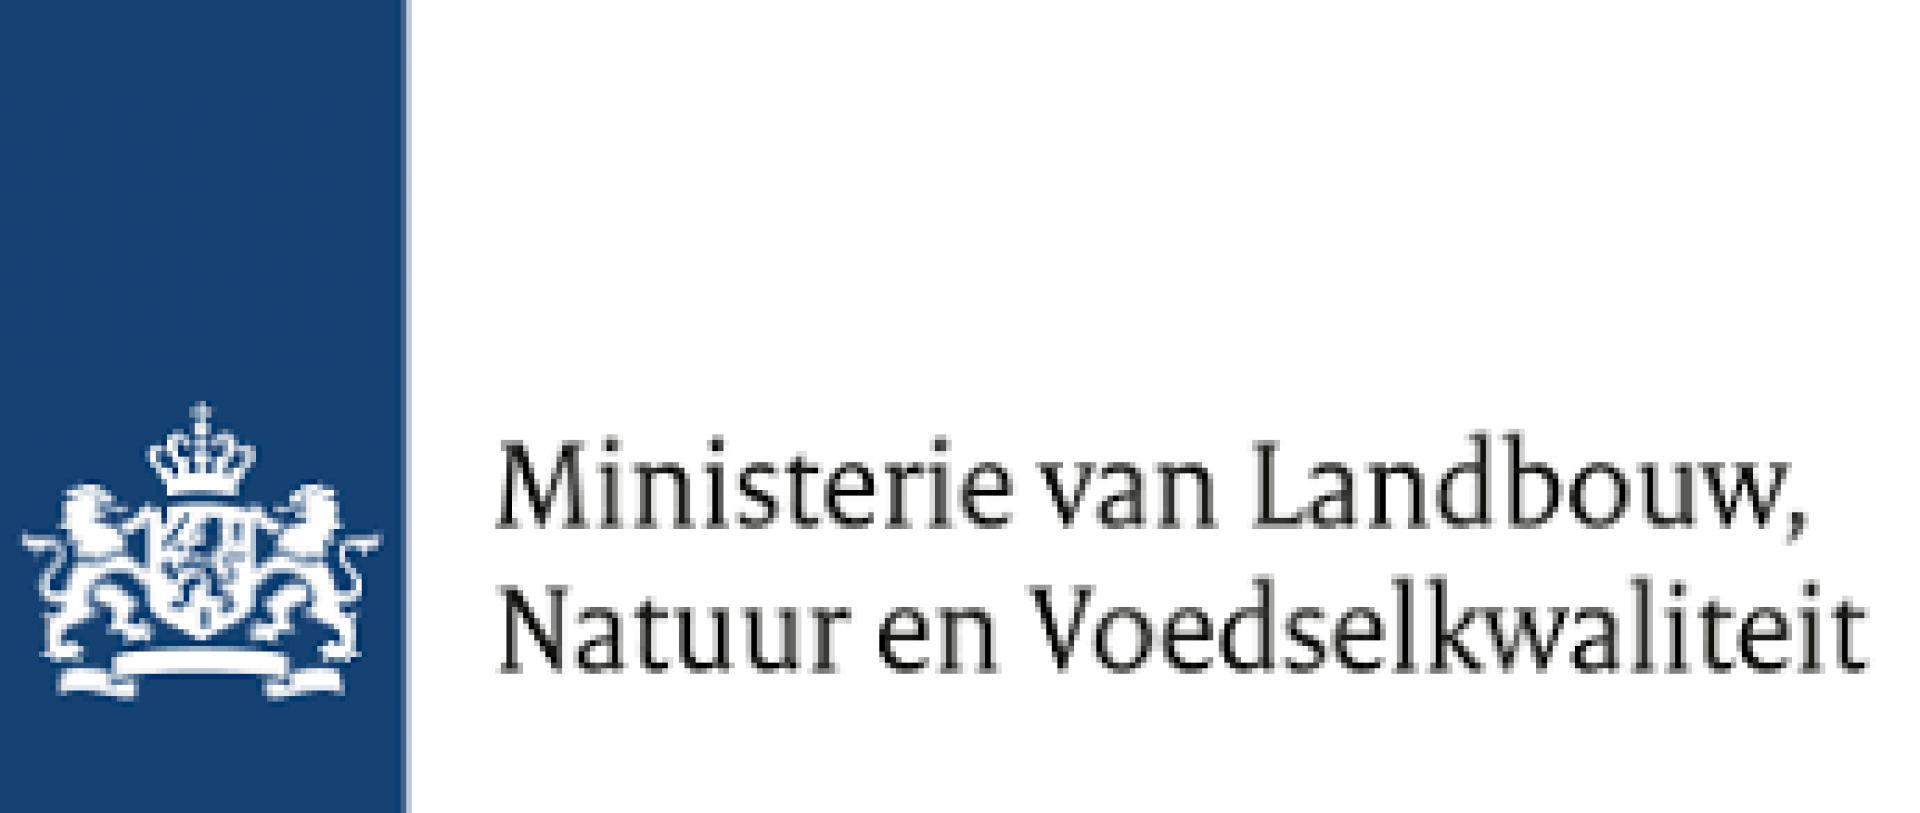 Toespraak ministerie LNV herbezinning mestbeleid op symposium 25 oktober 2019